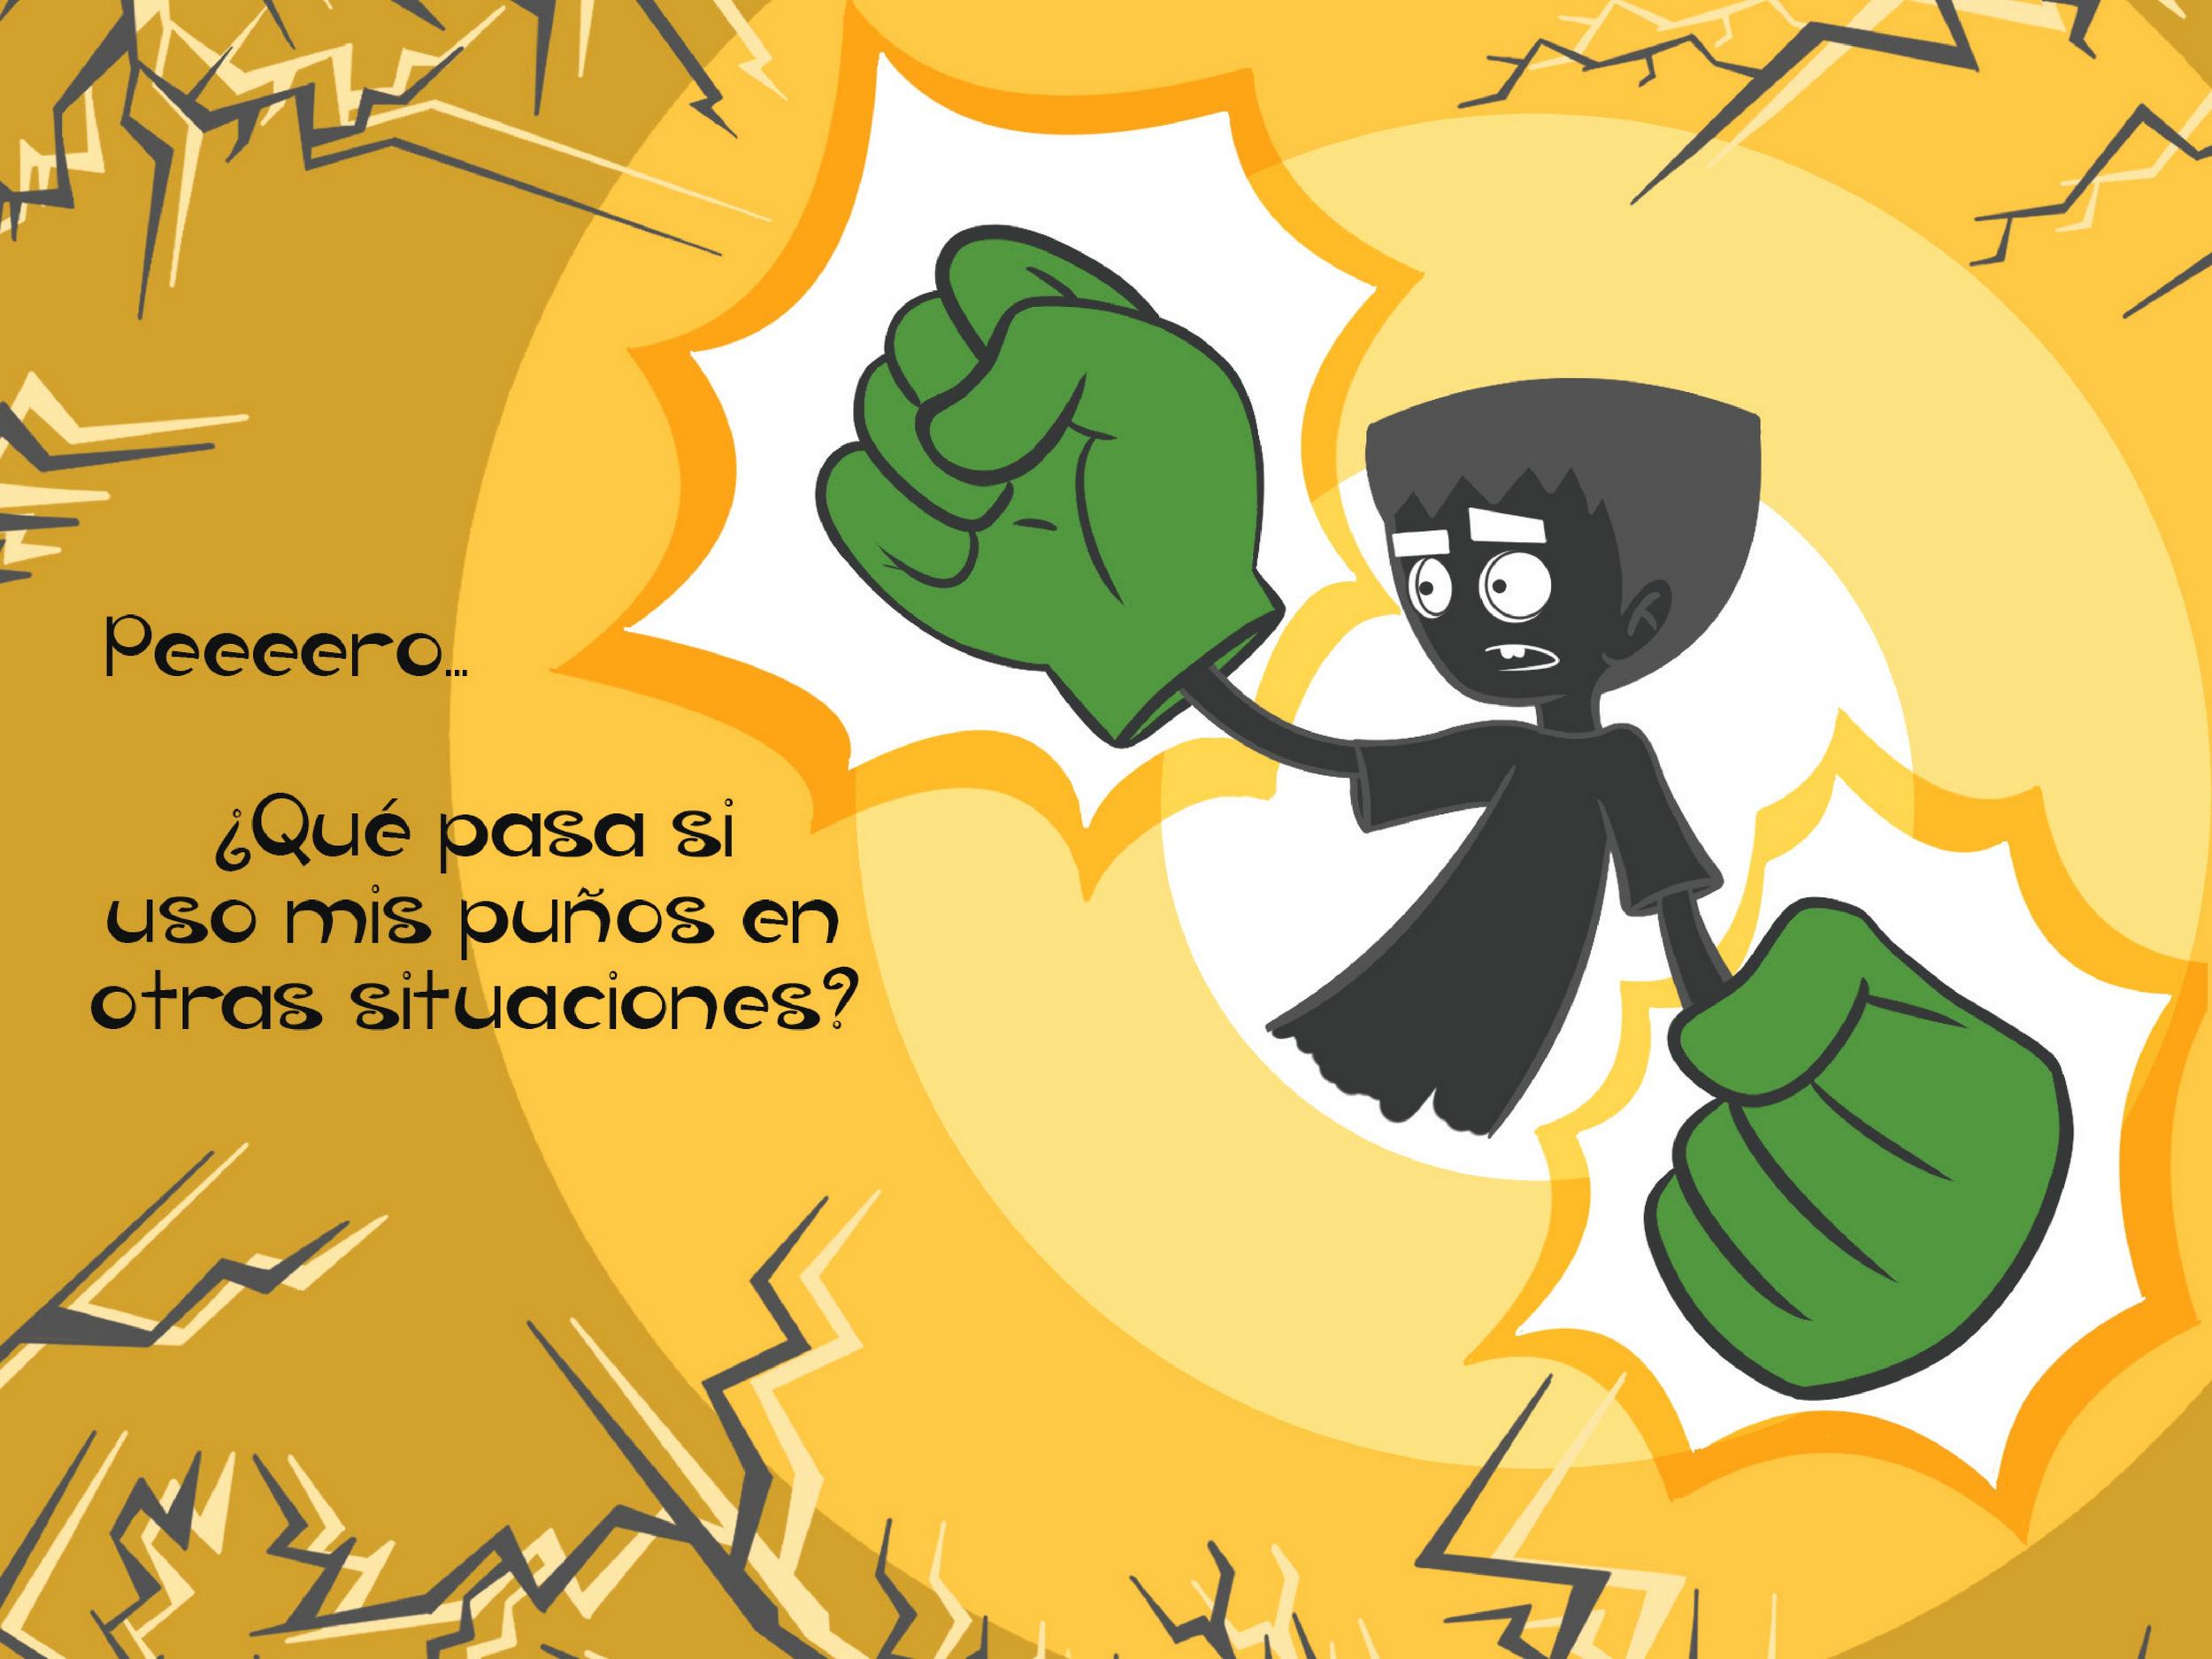 El_niño_puños_Hulk_Javi_Fernandez_Mañas_El niño con los puños de Hulk_page-0008_2500_0008